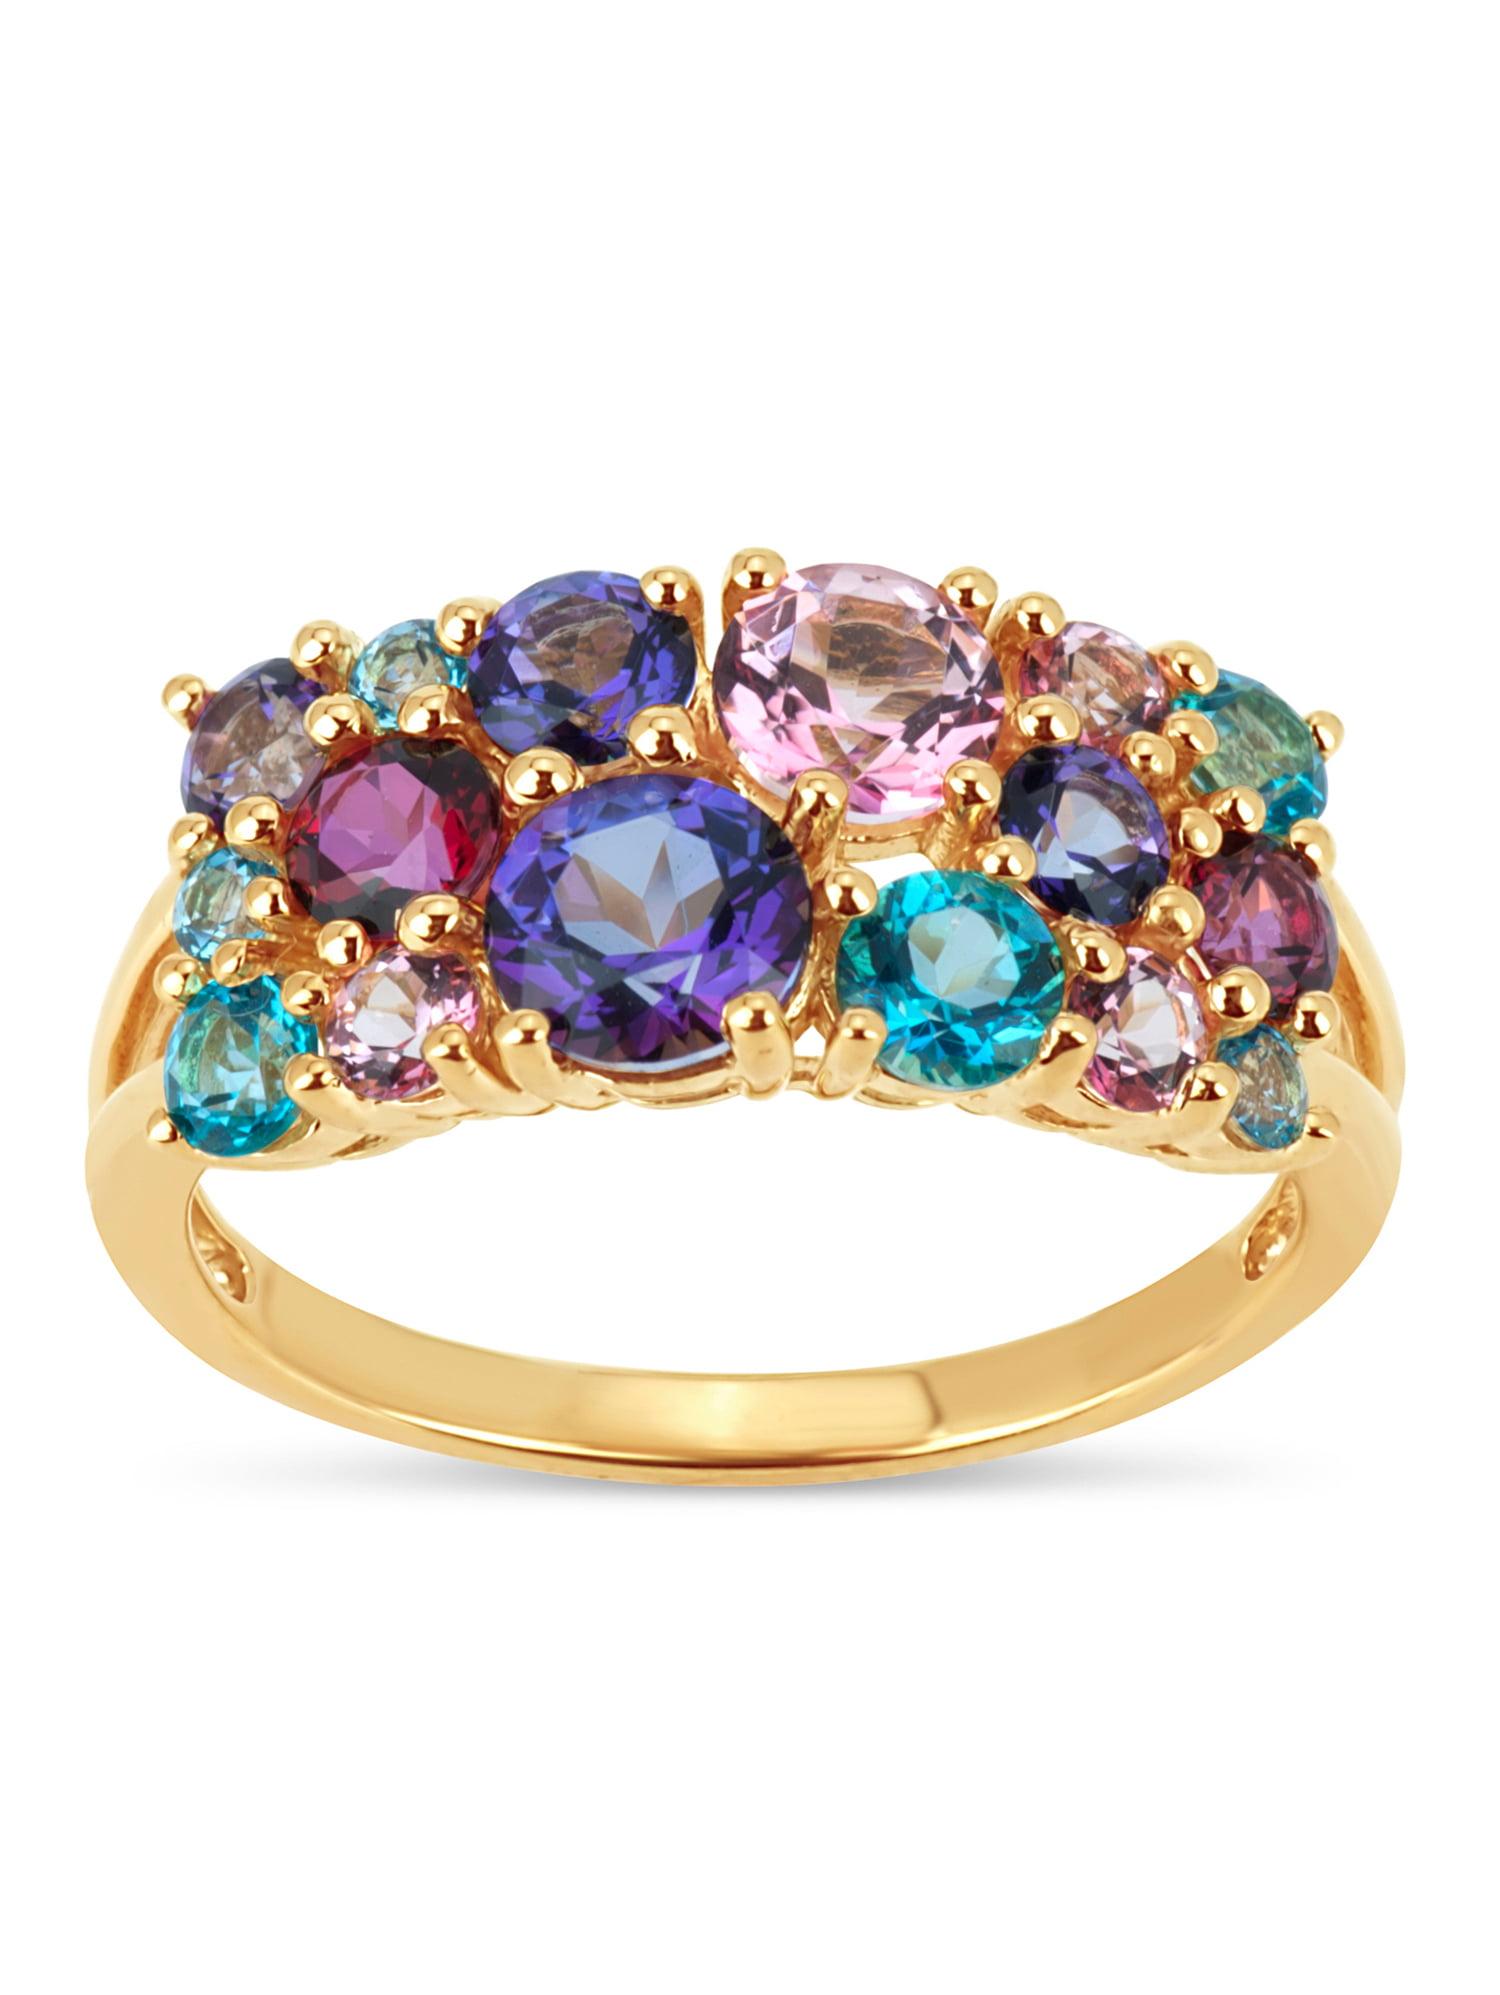 Multi Color Topaz Swarovski Genuine Gemstone 18kt Gold Over Sterling Silver Cluster Ring by Helen Andrews Inc.